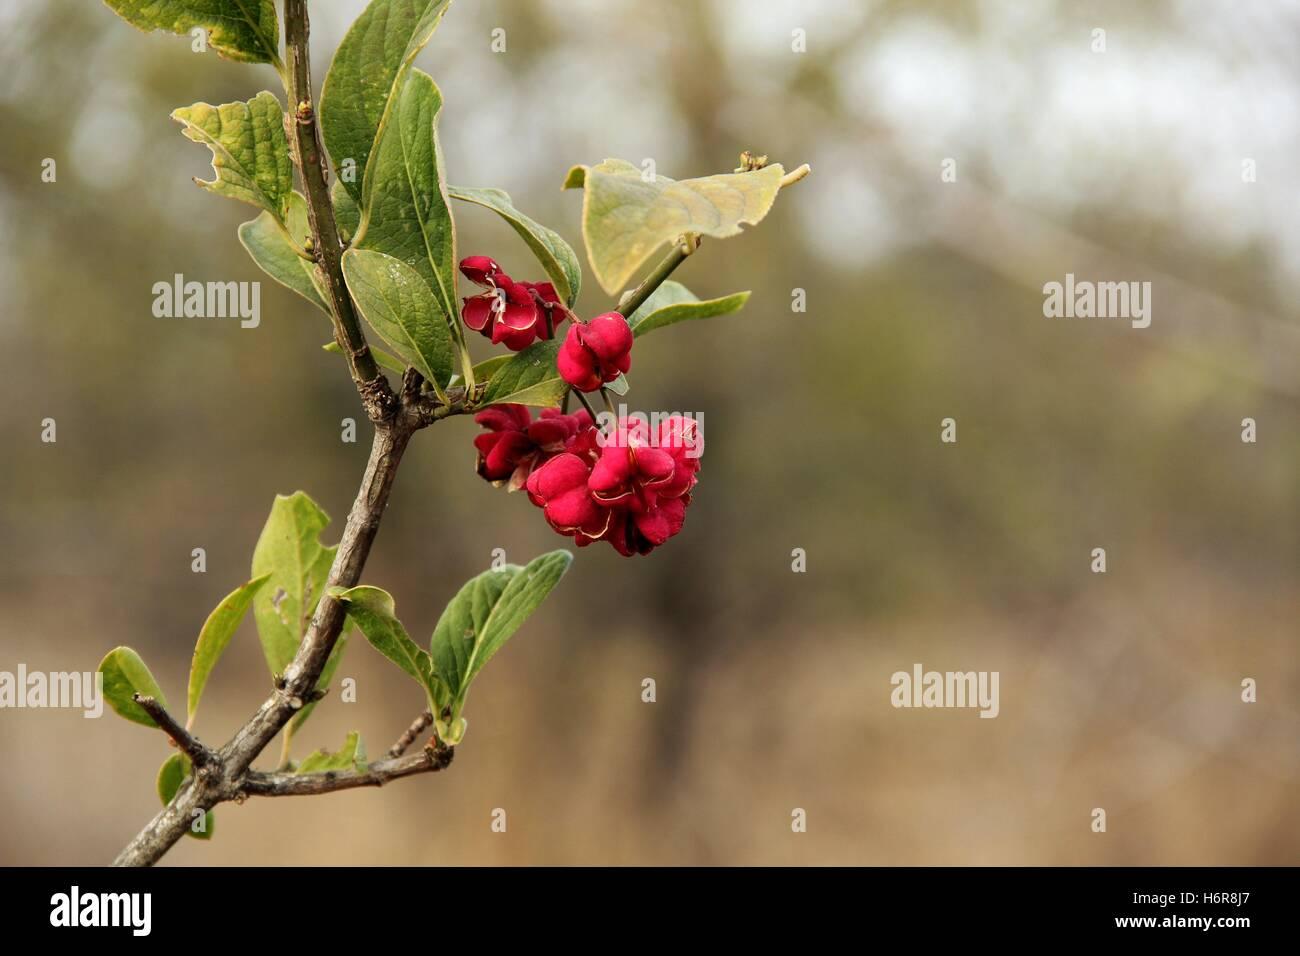 Red accento nella foresta. Immagini Stock